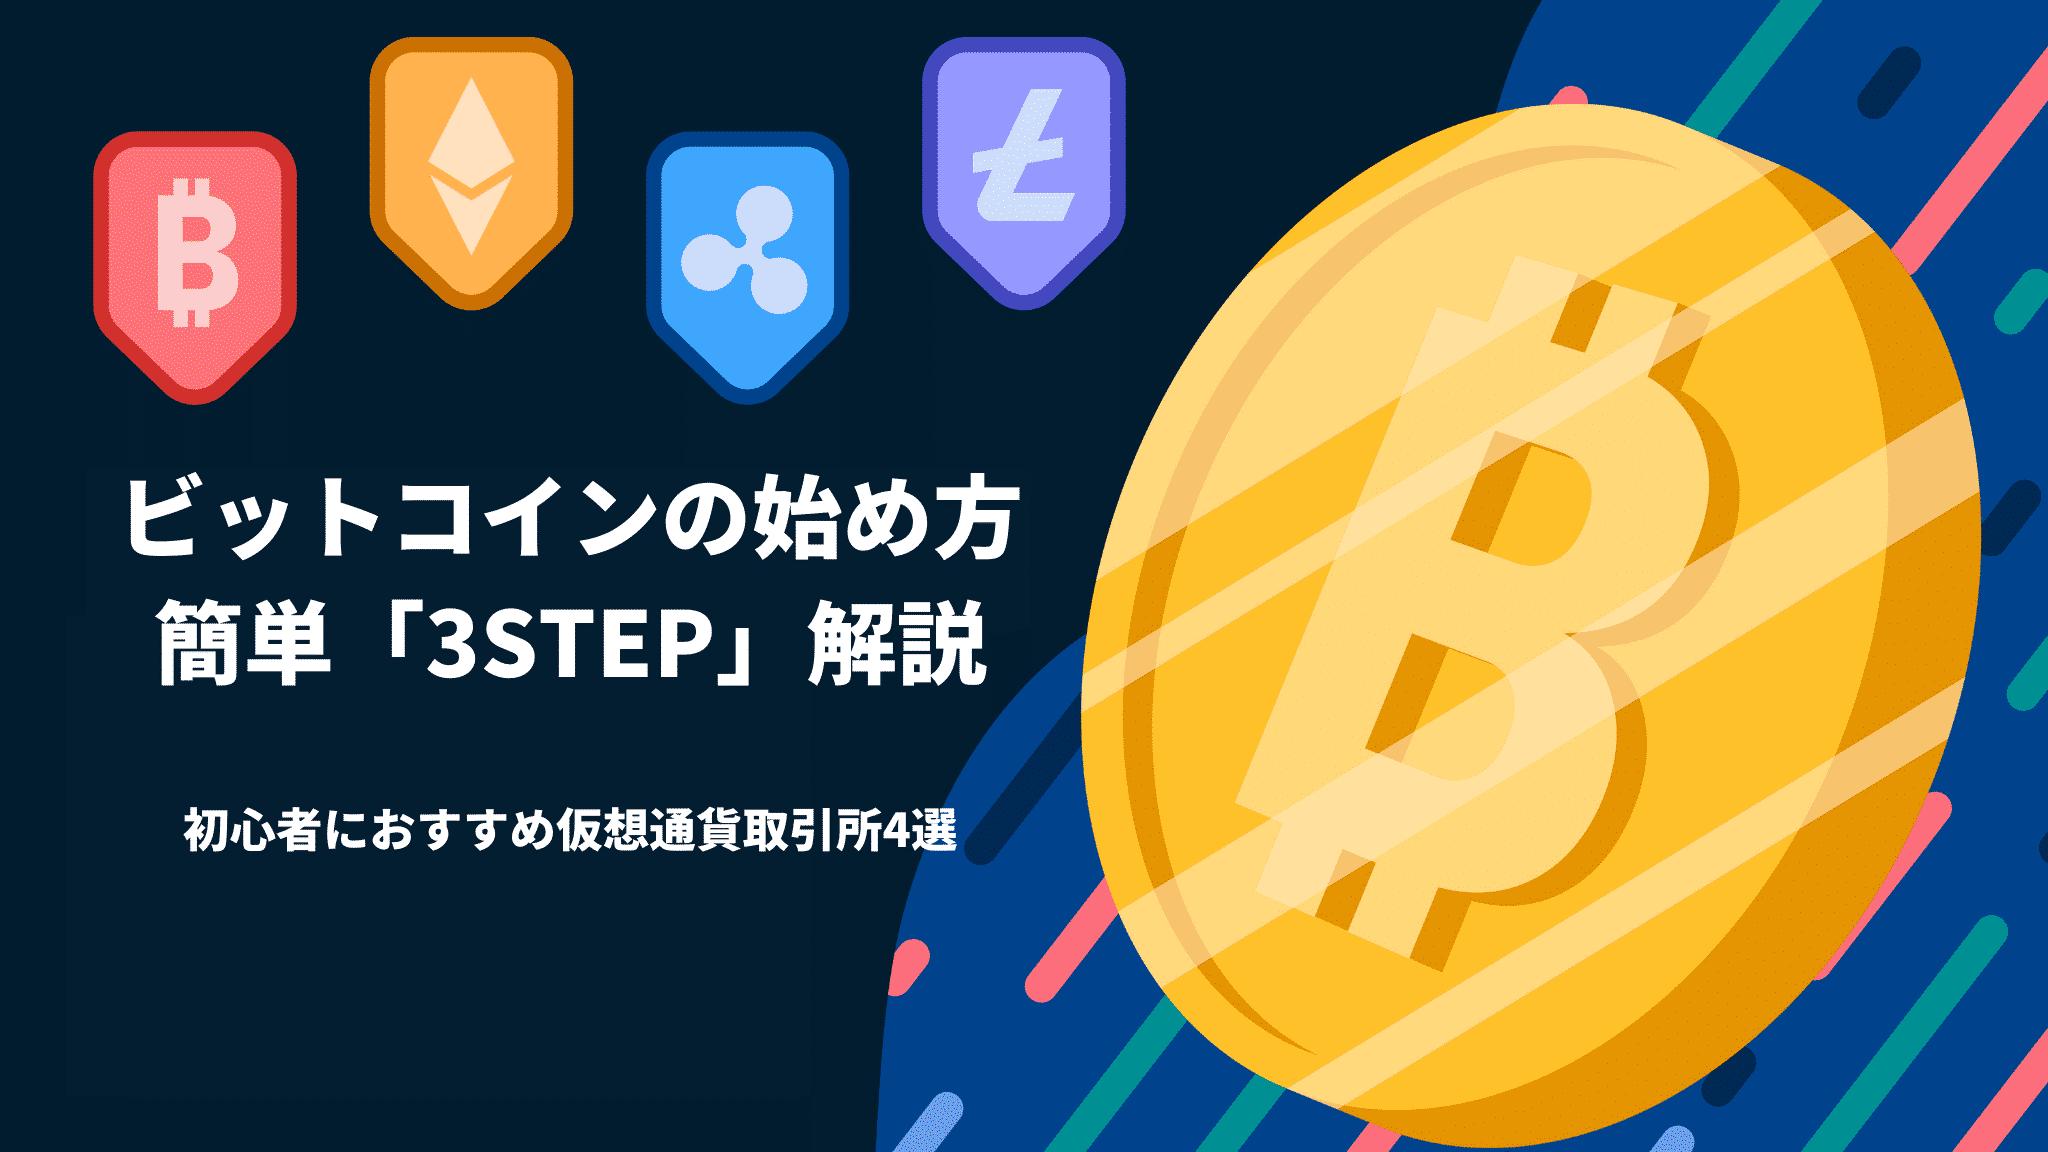 「アイキャッチ」ビットコインの始め方!初心者にも簡単「3STEP」解説!